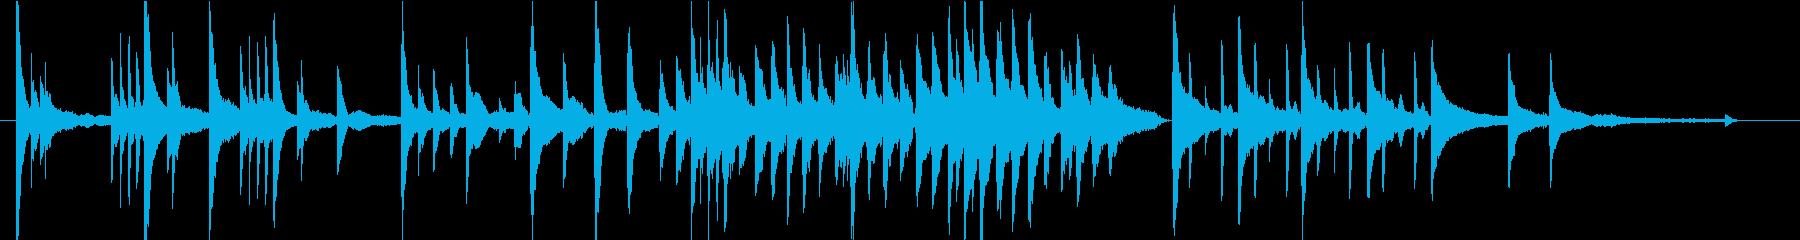 ランウェイ242019落ち込み反省5sad2longの再生済みの波形